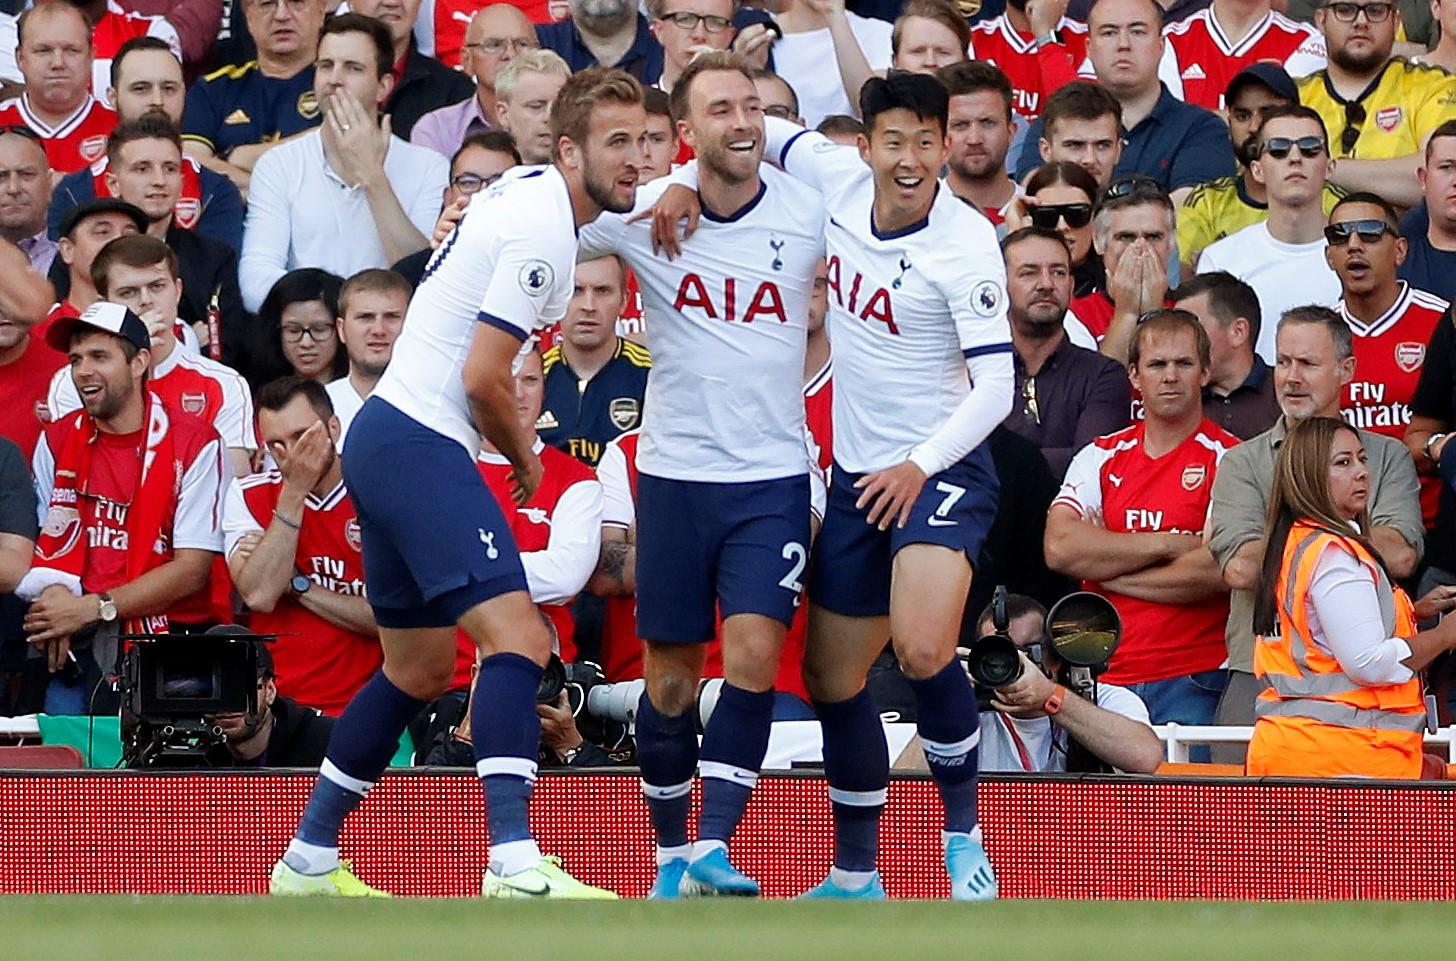 Football - Etranger - Southampton-Tottenham : les 5 plus beaux buts des Spurs face aux Saints